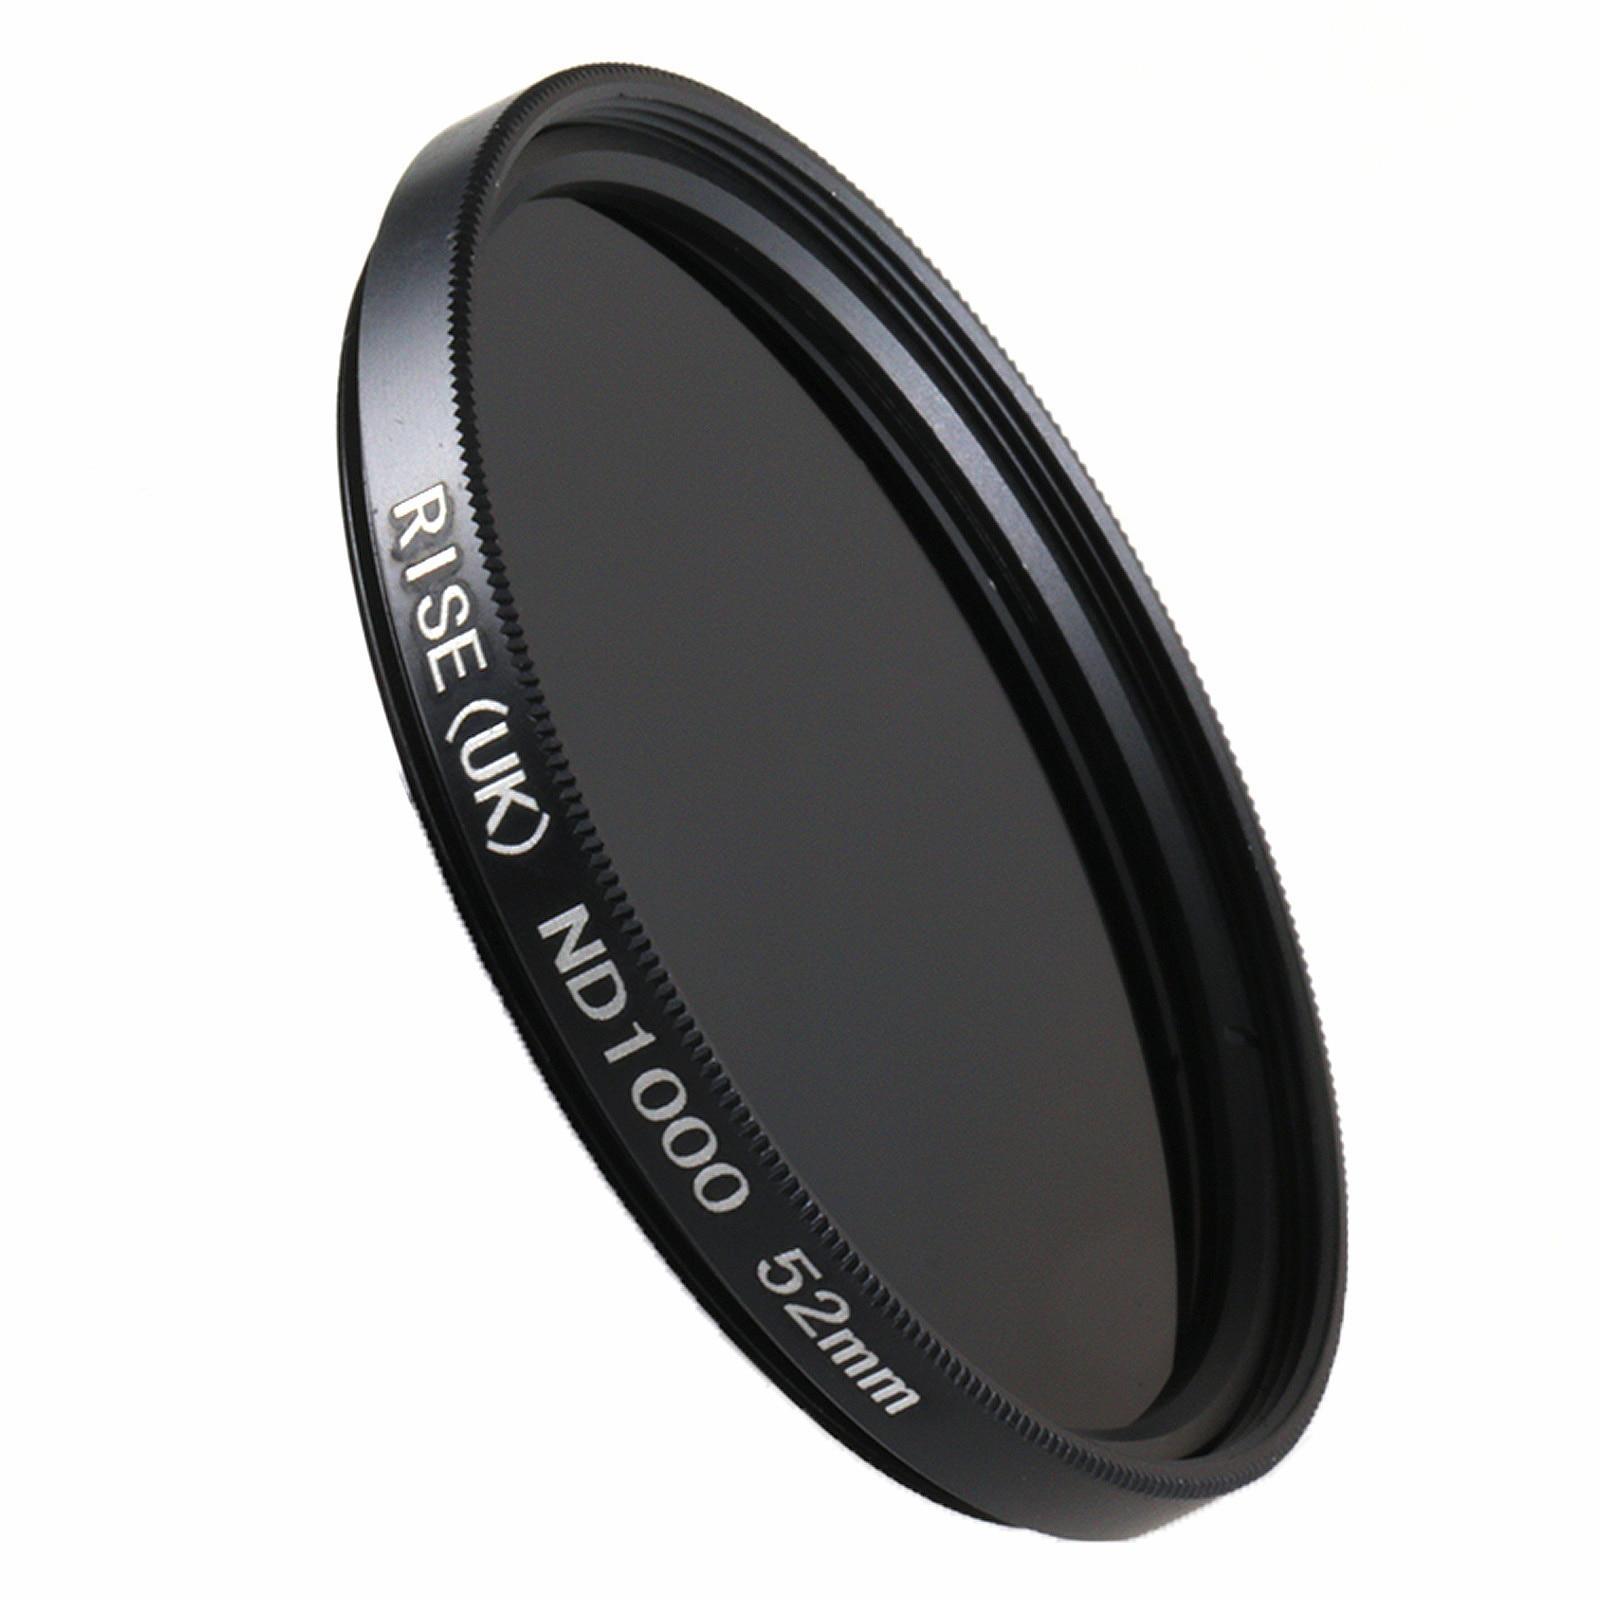 envío gratuito RISE (Reino Unido) 52 mm delgado Densidad neutra ND - Cámara y foto - foto 3